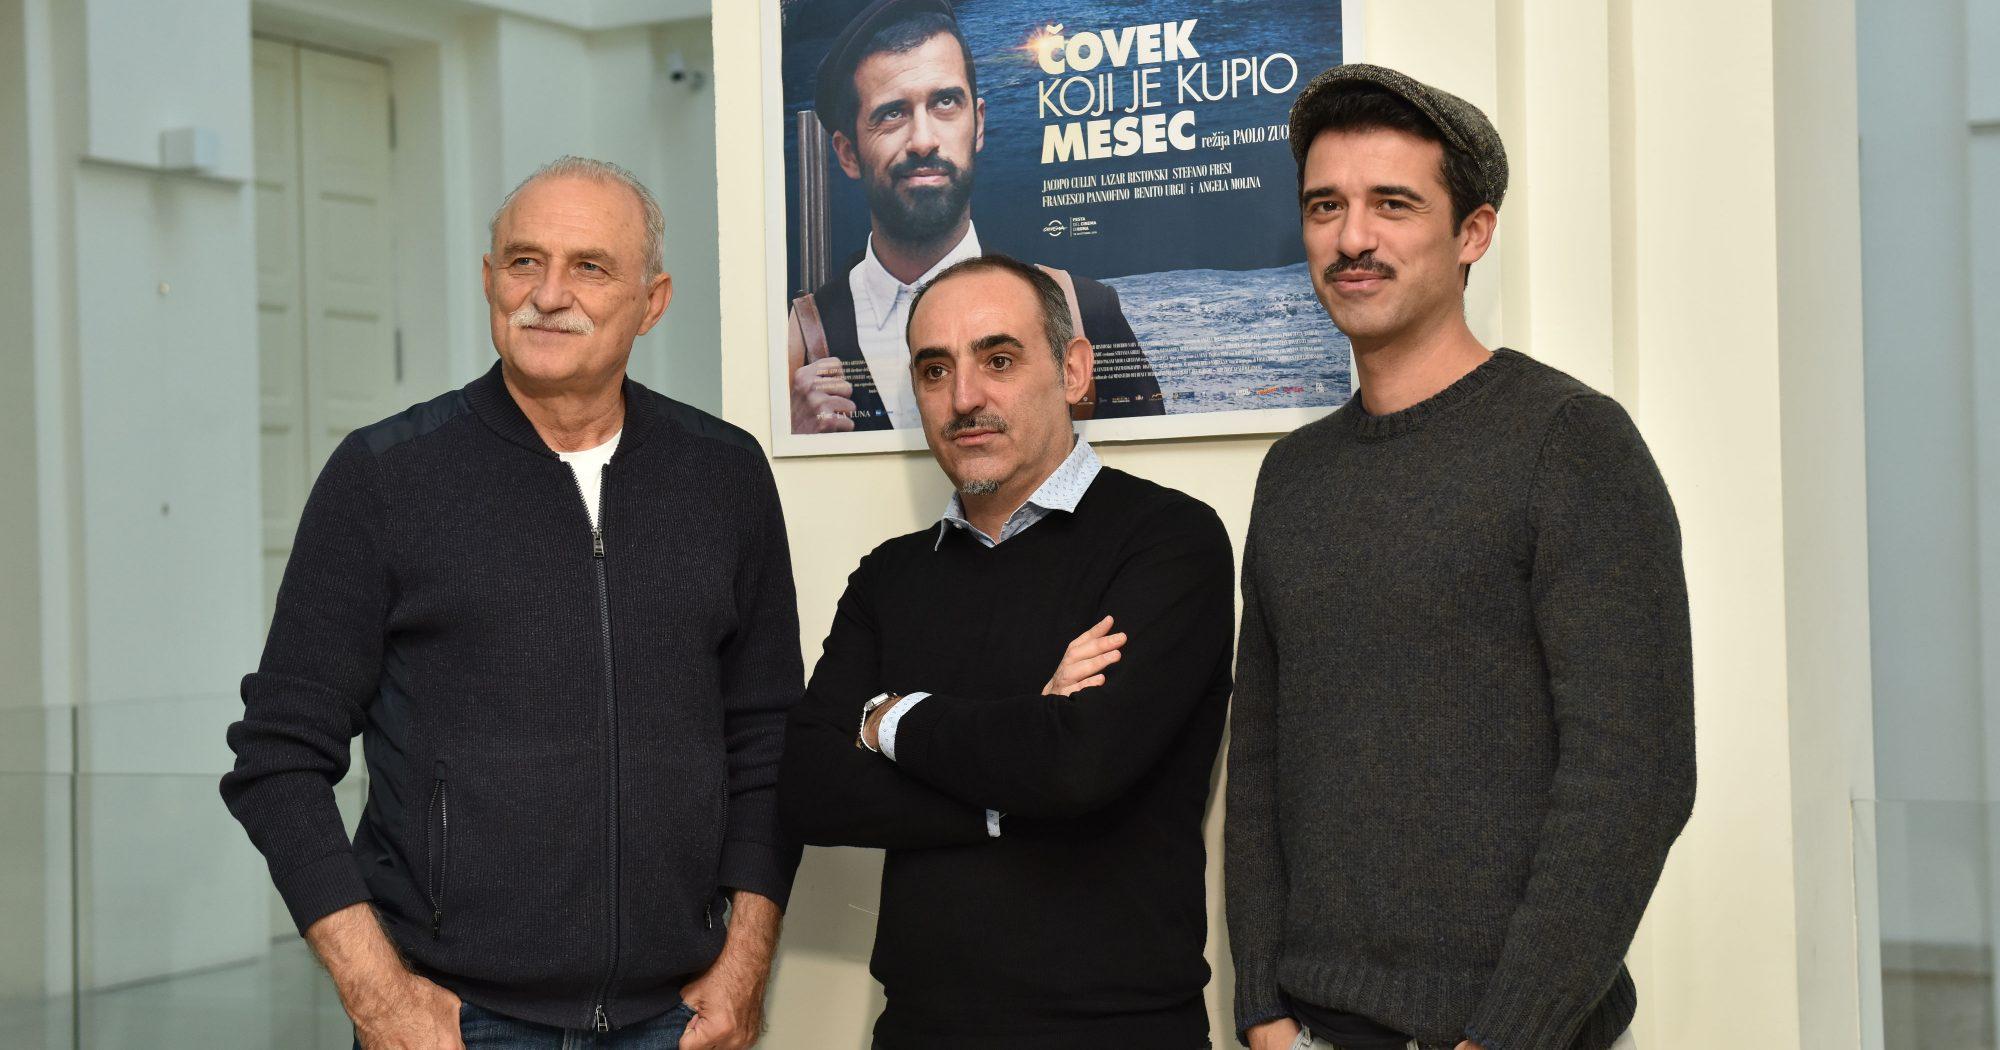 Lazar Ristovski Paolo Zucca i Jacopo Cullin 1